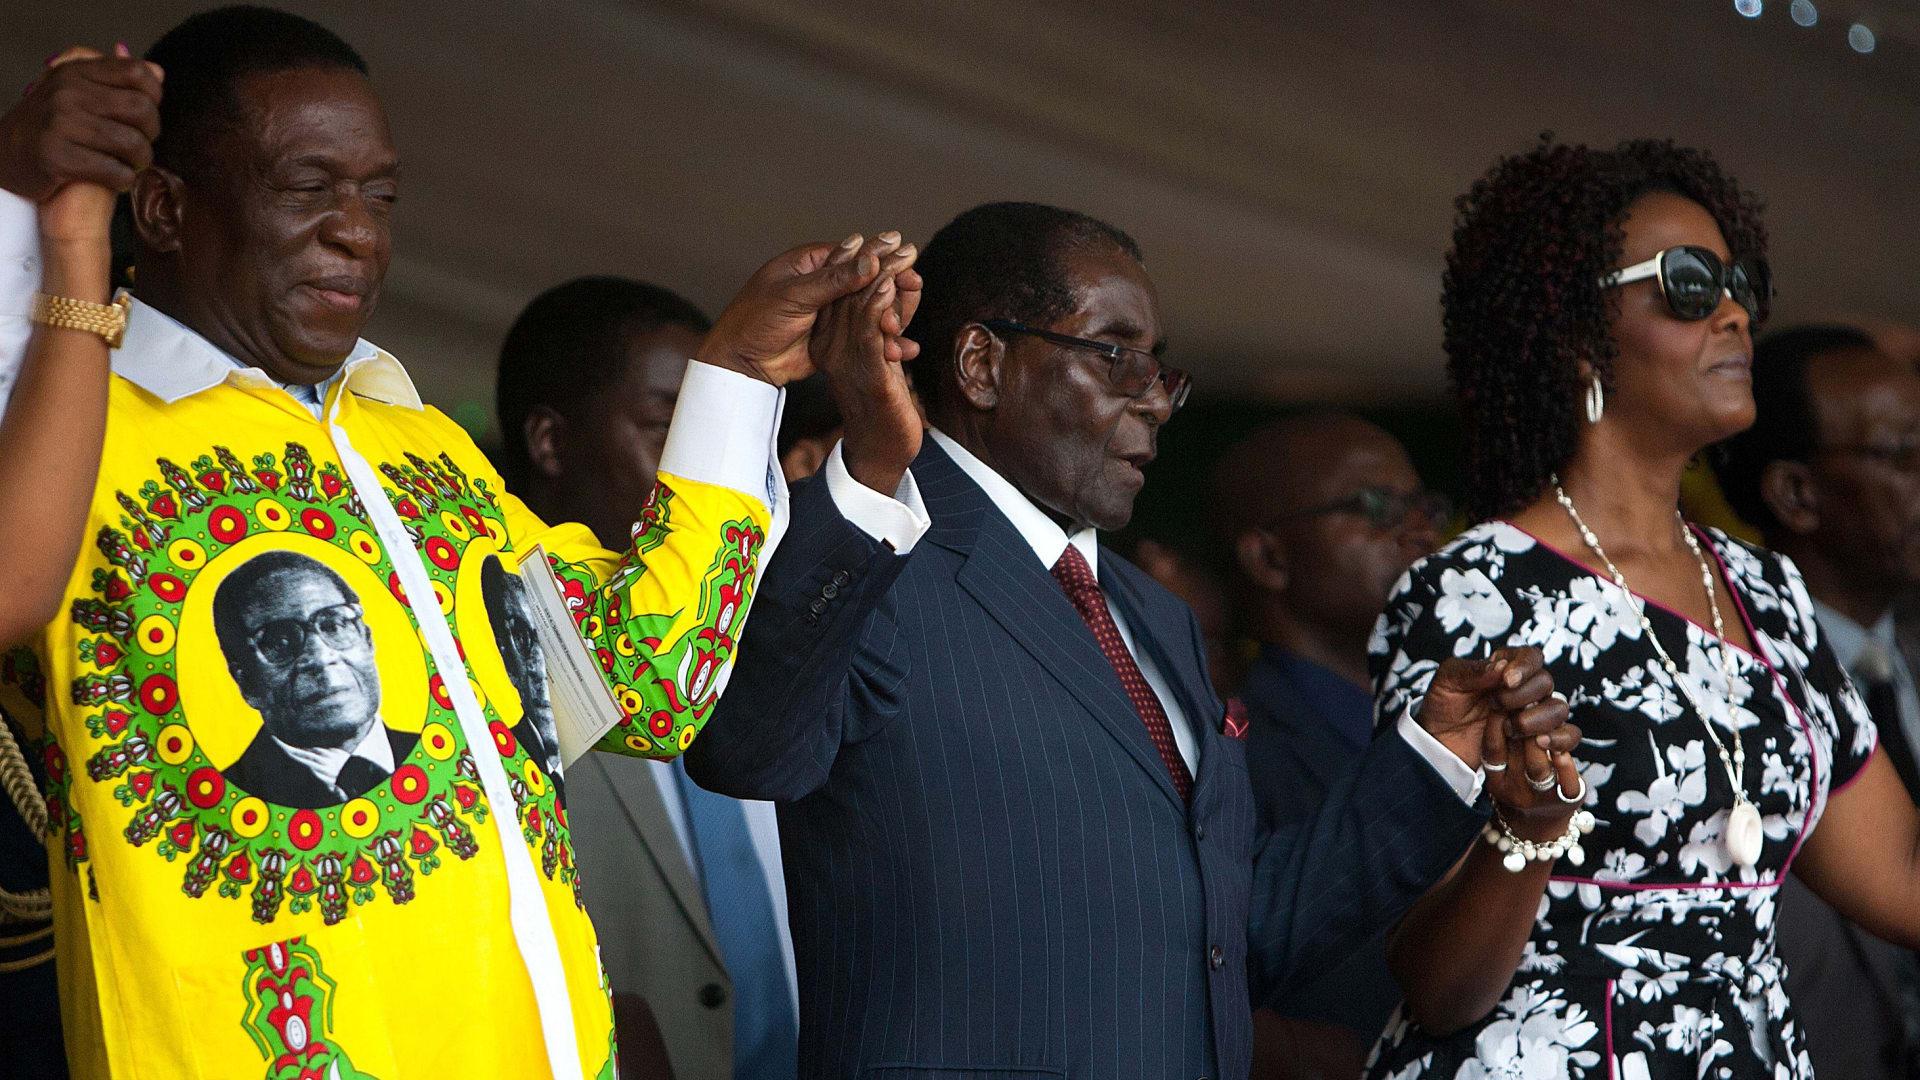 بالفيديو: موغابي يحتفل بعيد ميلاده الـ92 بتكلفة اقتربت من مليون دولار